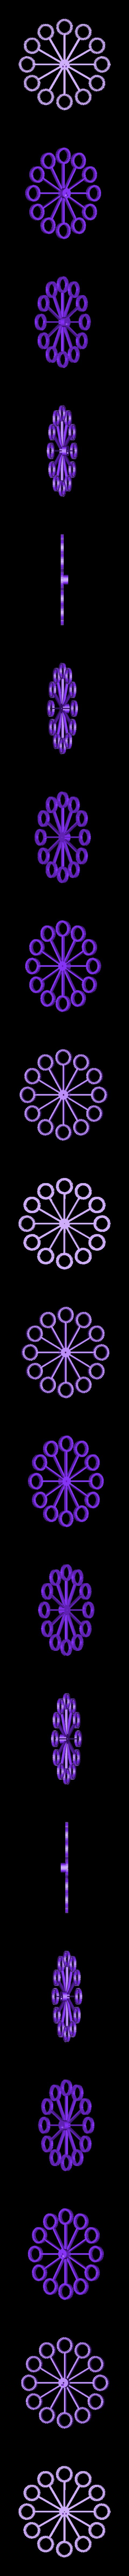 bubble_wheel.stl Télécharger fichier STL gratuit La machine à bulles de bicyclette • Objet pour imprimante 3D, Istareyn